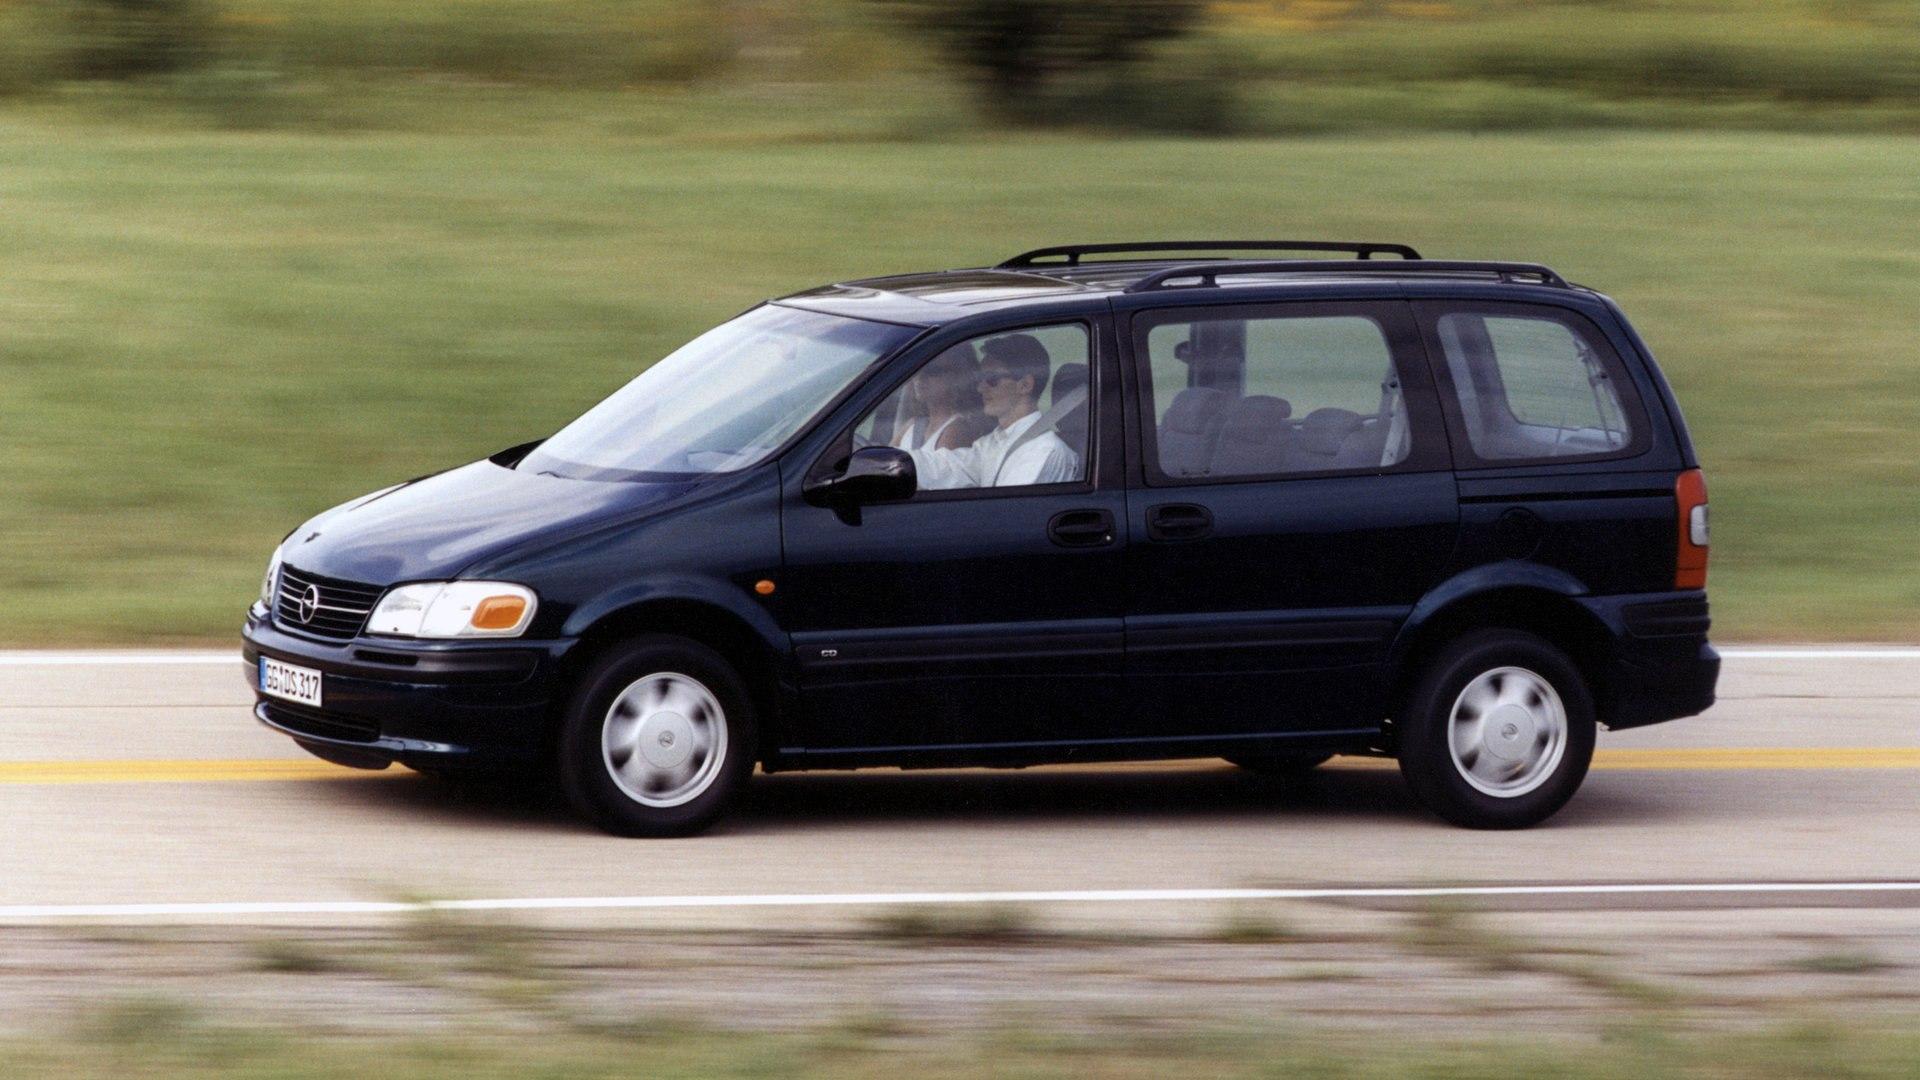 Coche del día: Opel Sintra